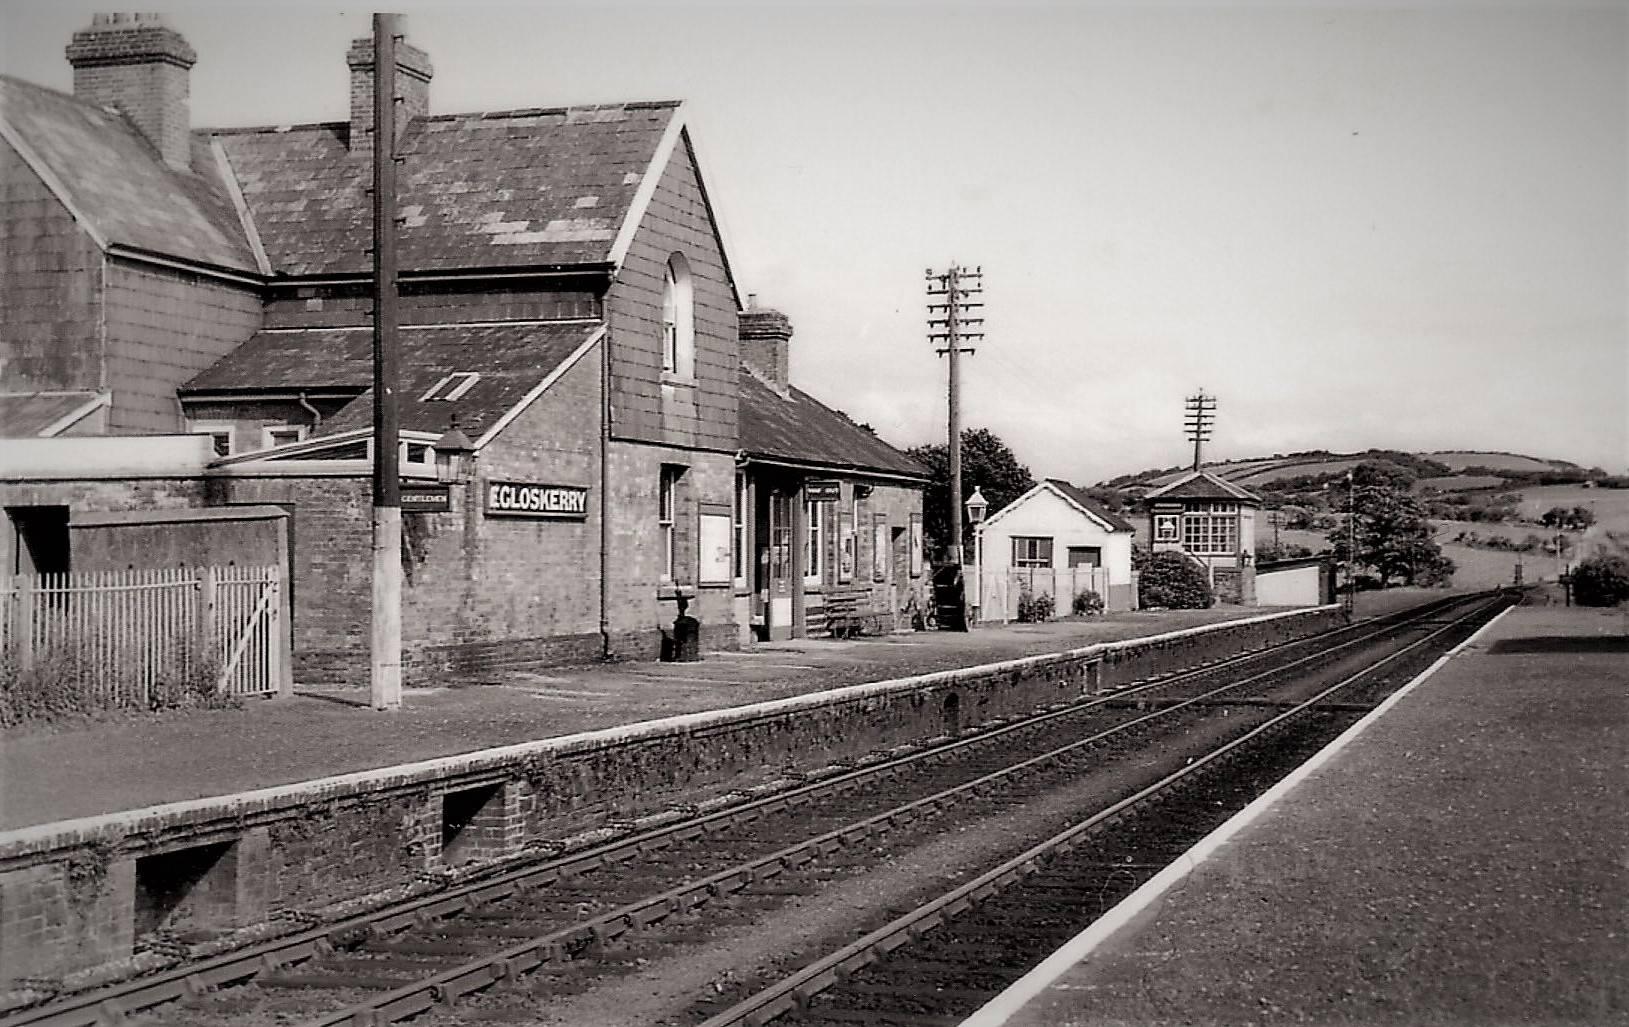 Egloskerry Station. Photo courtesy of Gary Lashbrook. 2